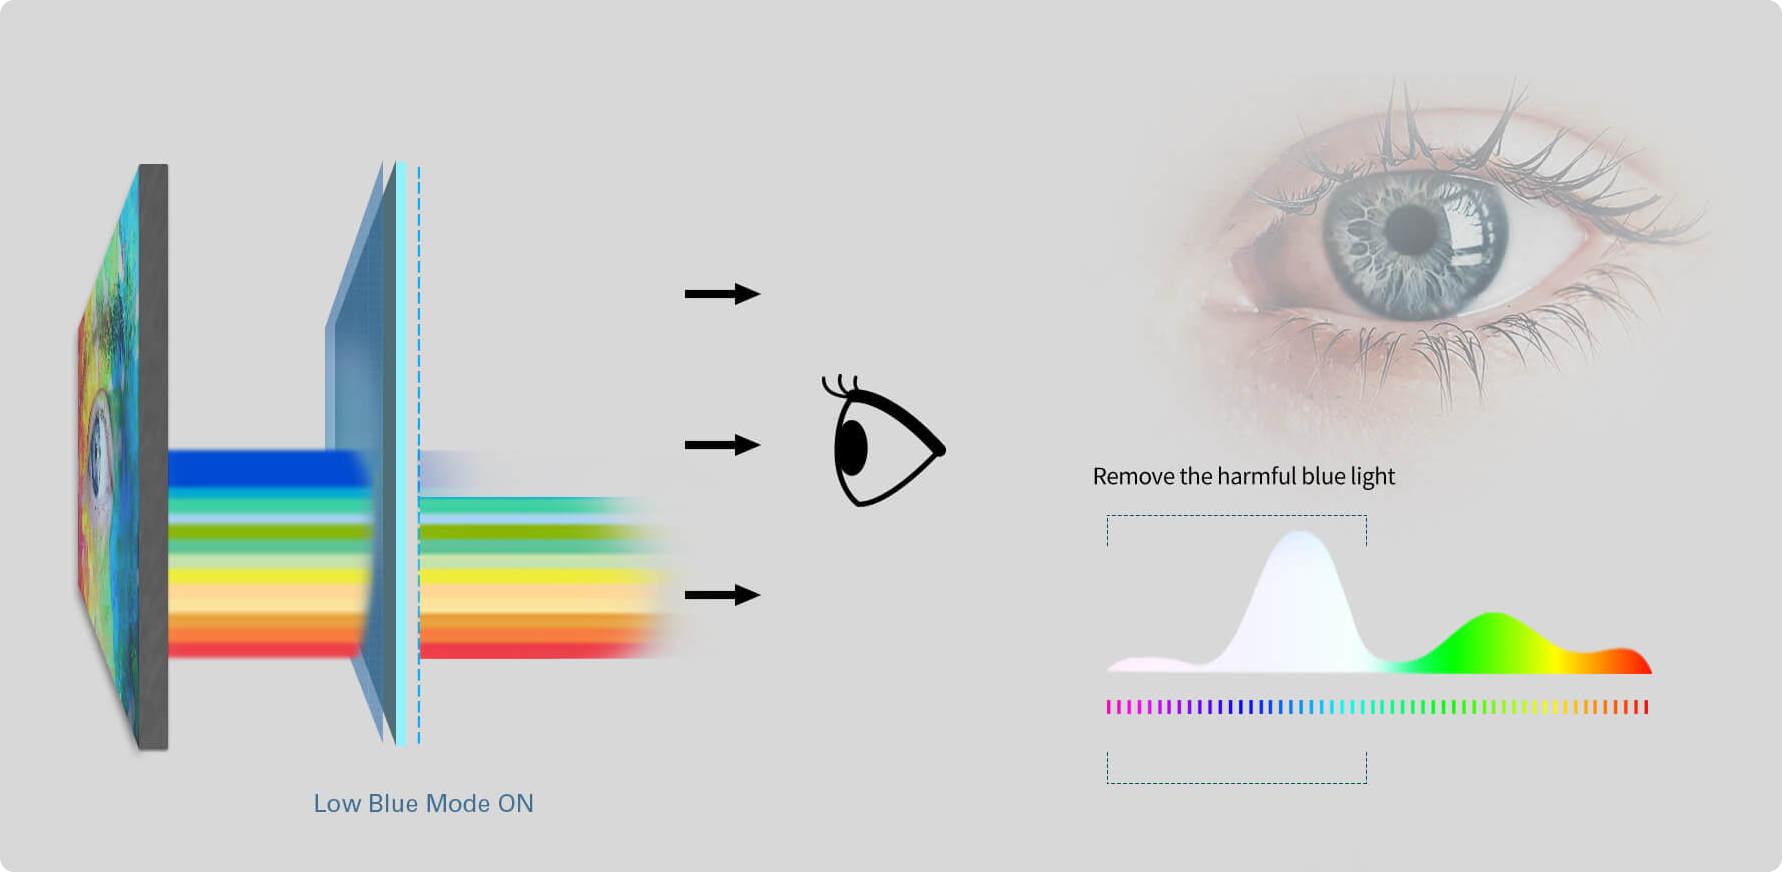 Chế độ ánh sáng xanh dương thấp bảo vệ cho sức khỏe thị lực của bạn